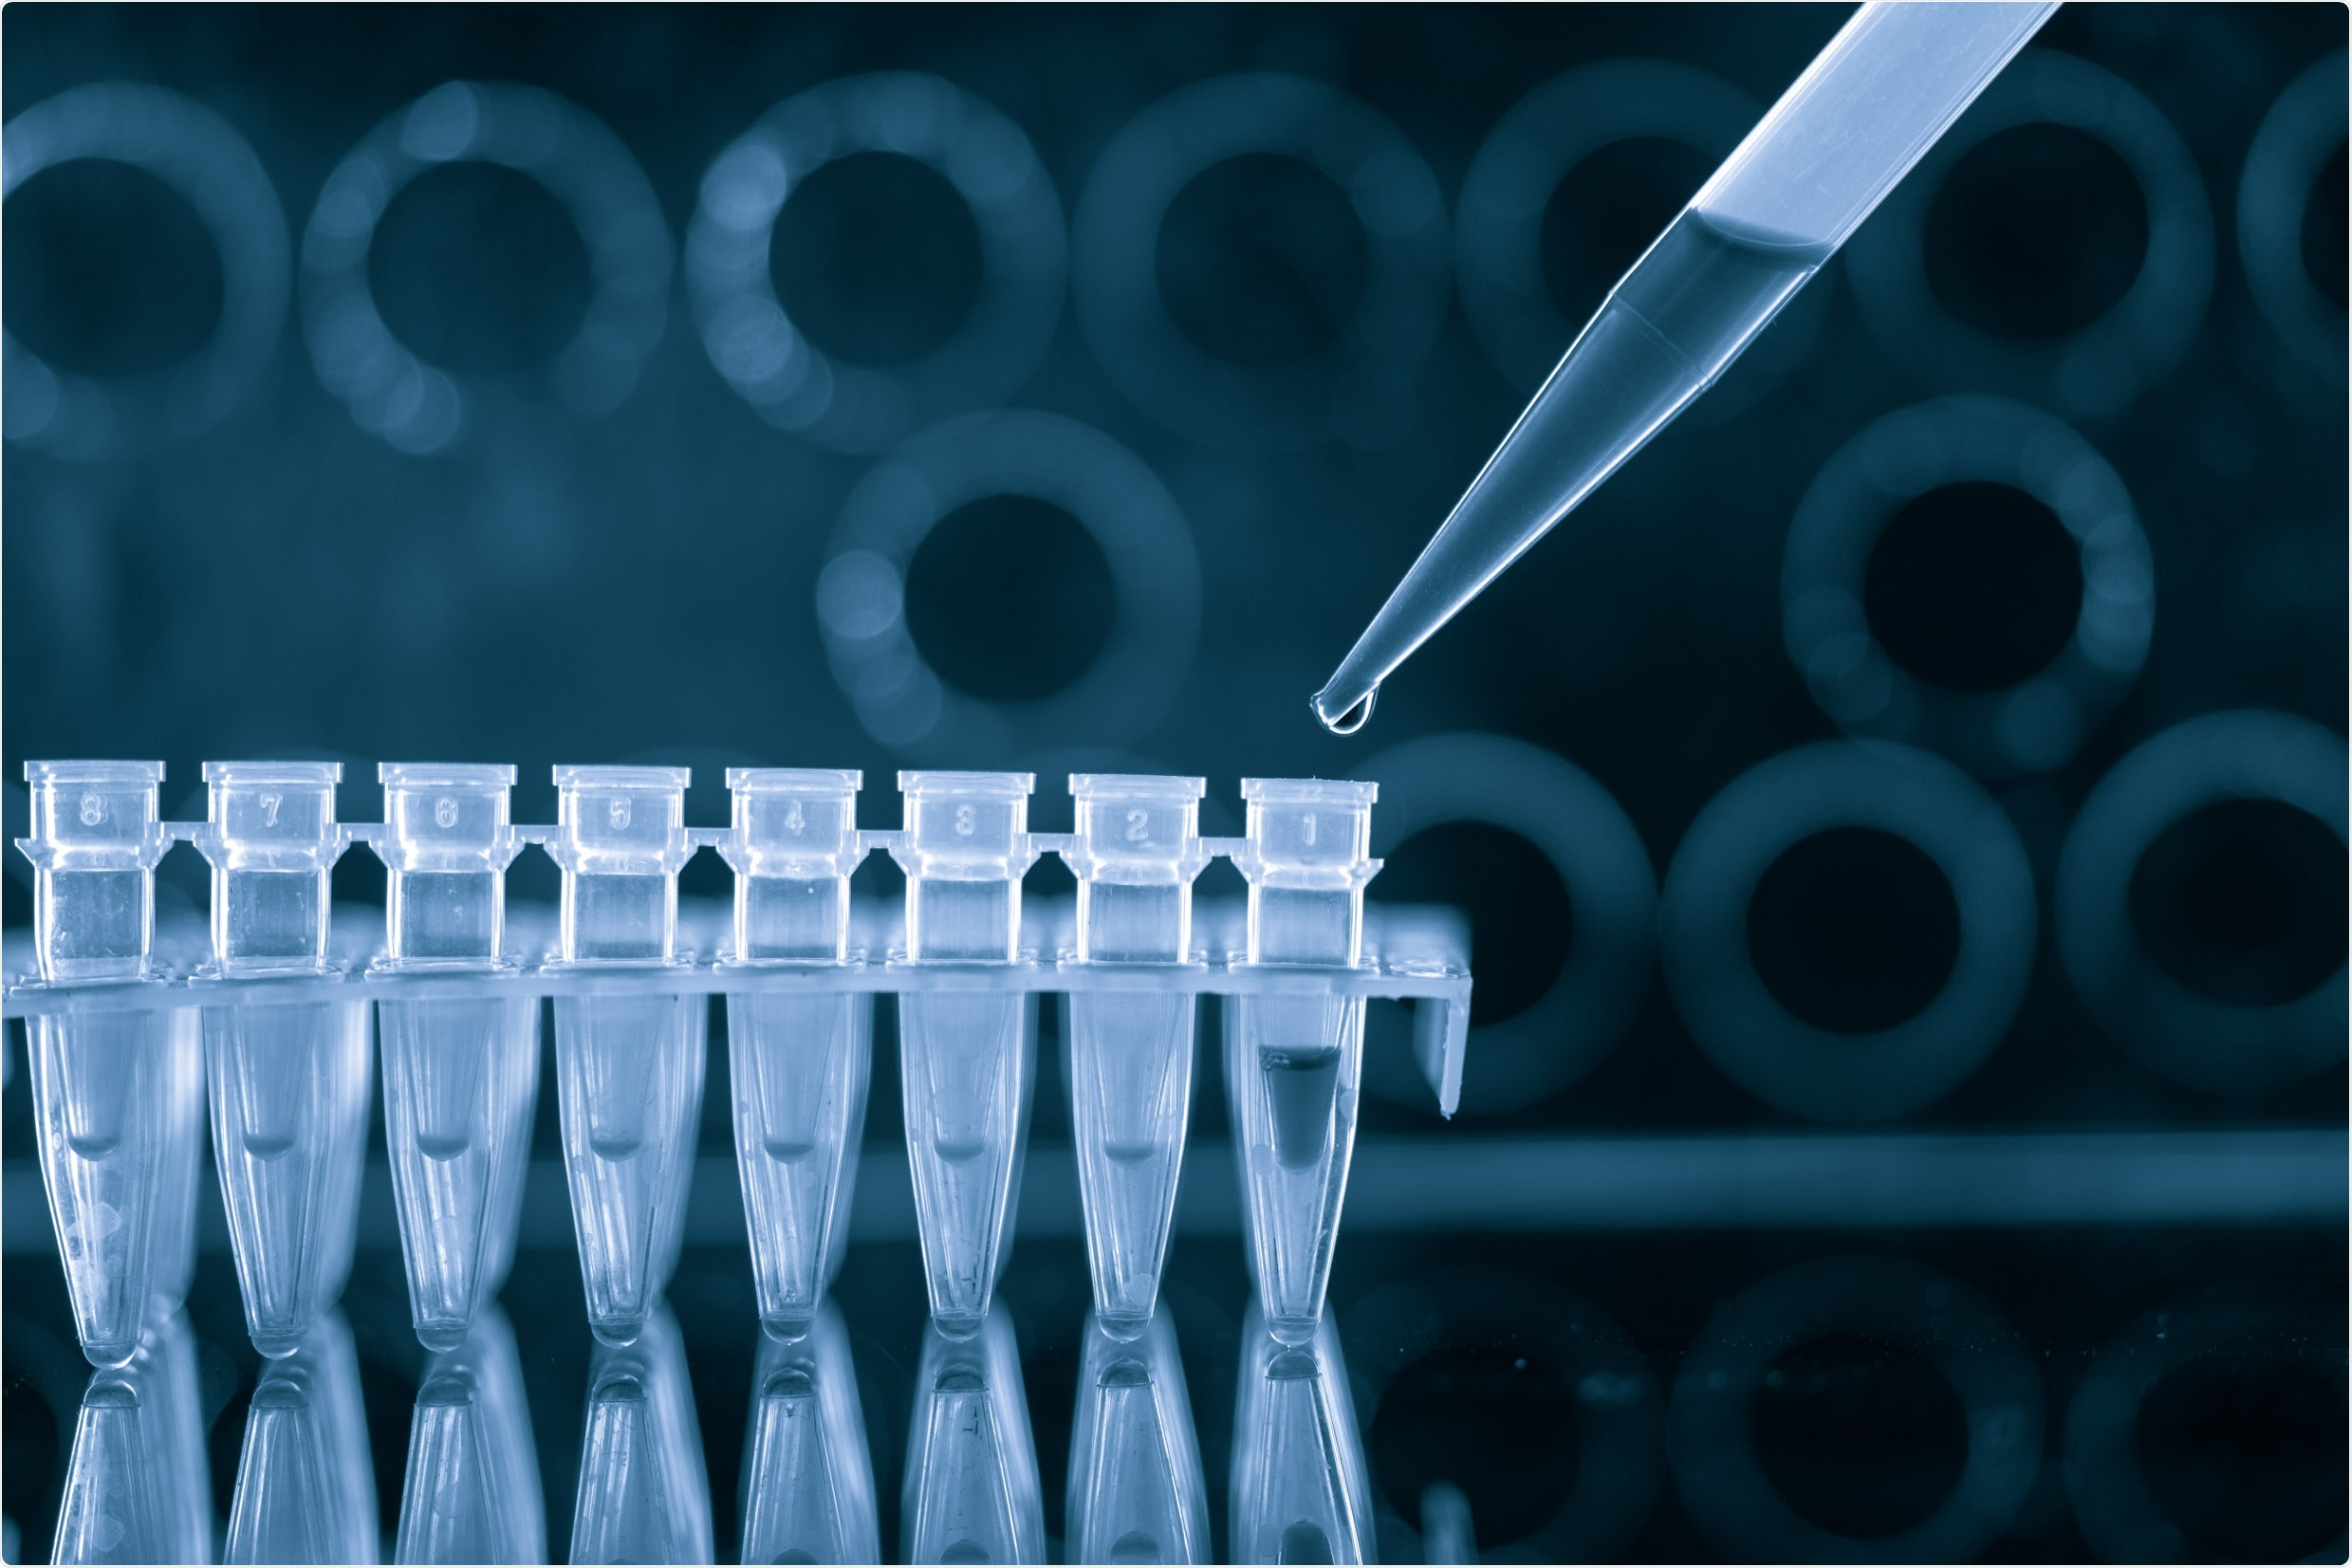 Estudio: La caracterización completa de los pacientes COVID-19 con SARS-CoV-2 en varias ocasiones positivo prueba usando una base de datos electrónica grande del historial médico de los E.E.U.U. Haber de imagen: luchschenF/Shutterstock